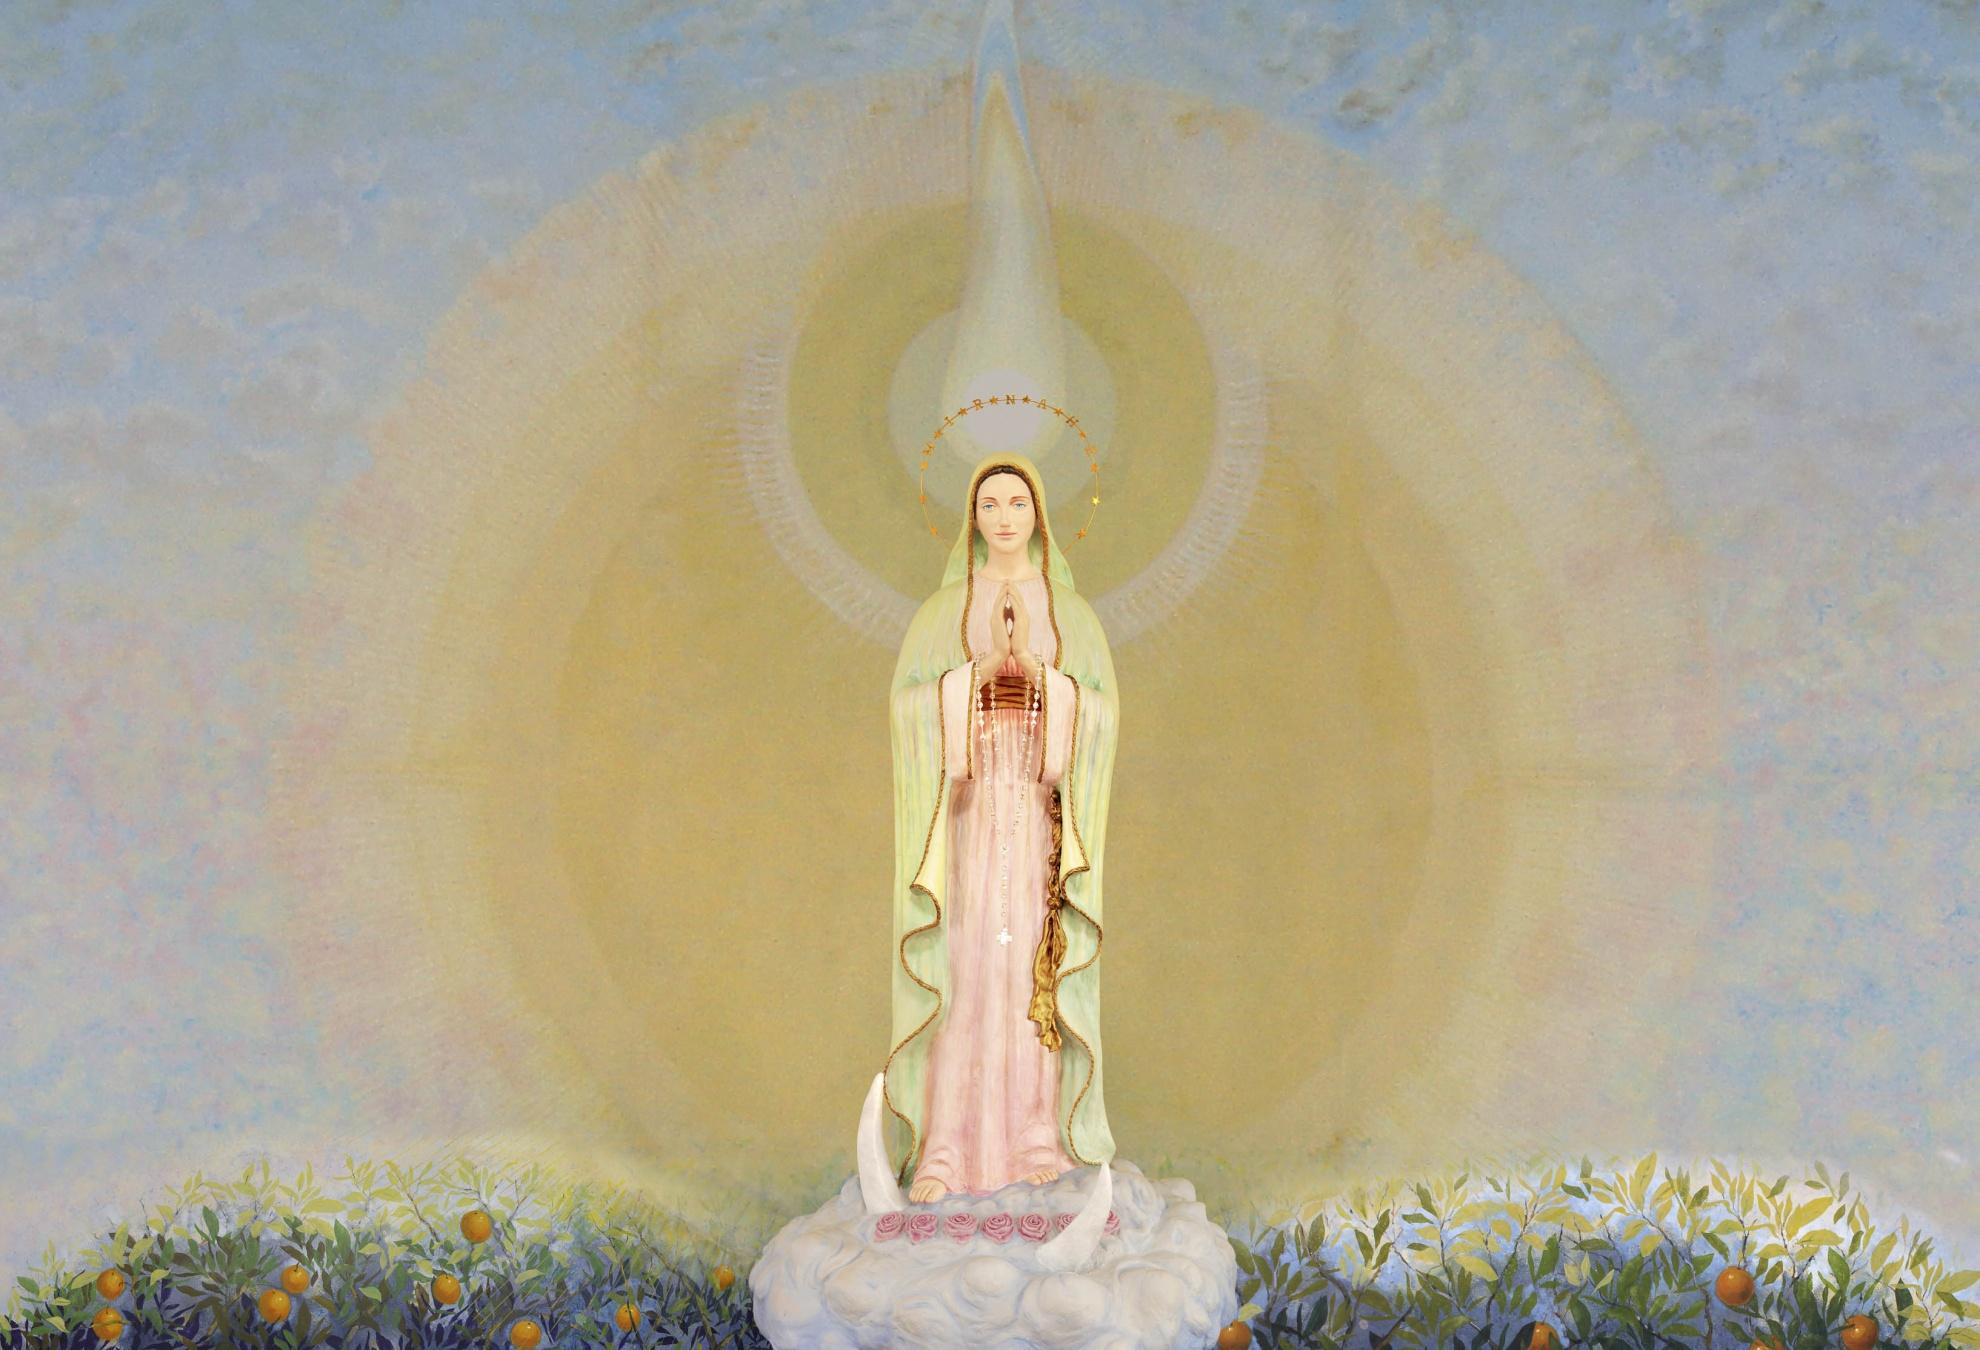 Imagens da virgem maria voz e eco dos mensageiros divinos - Divinos pucheros maria jose ...